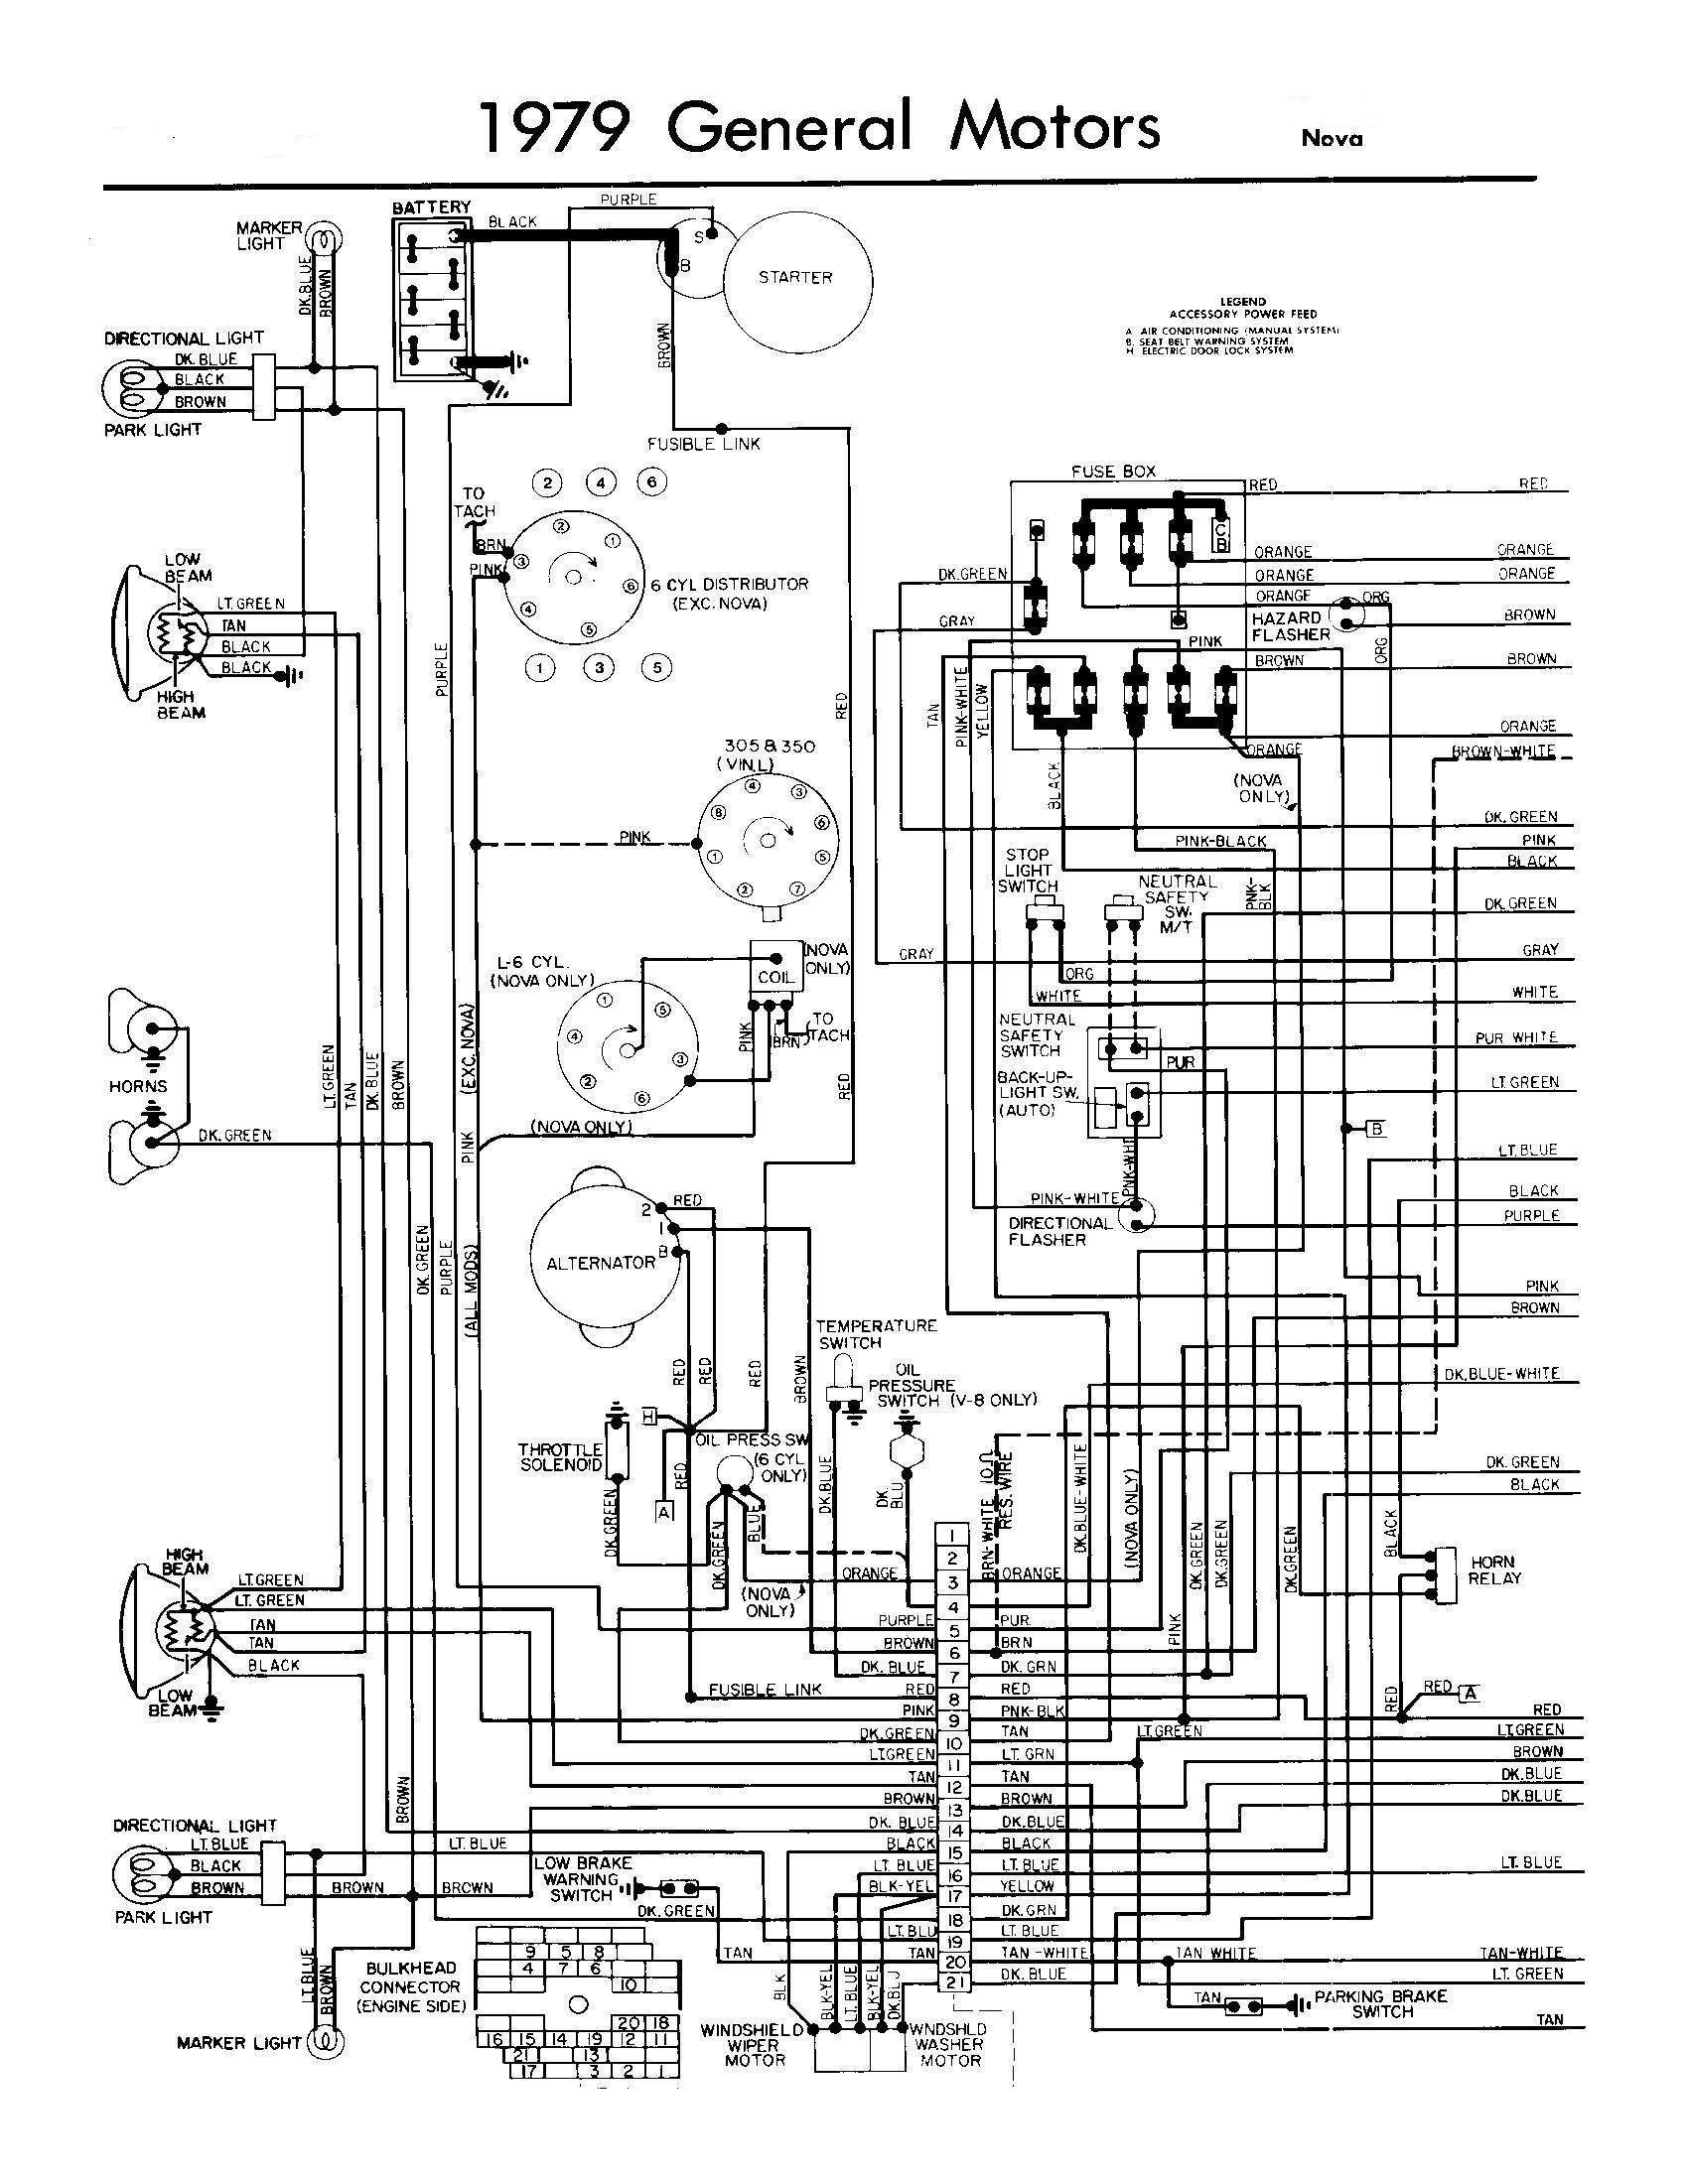 engineering schematics wiring diagramelectrical engineering diagram key wiring diagram data [ 1699 x 2200 Pixel ]